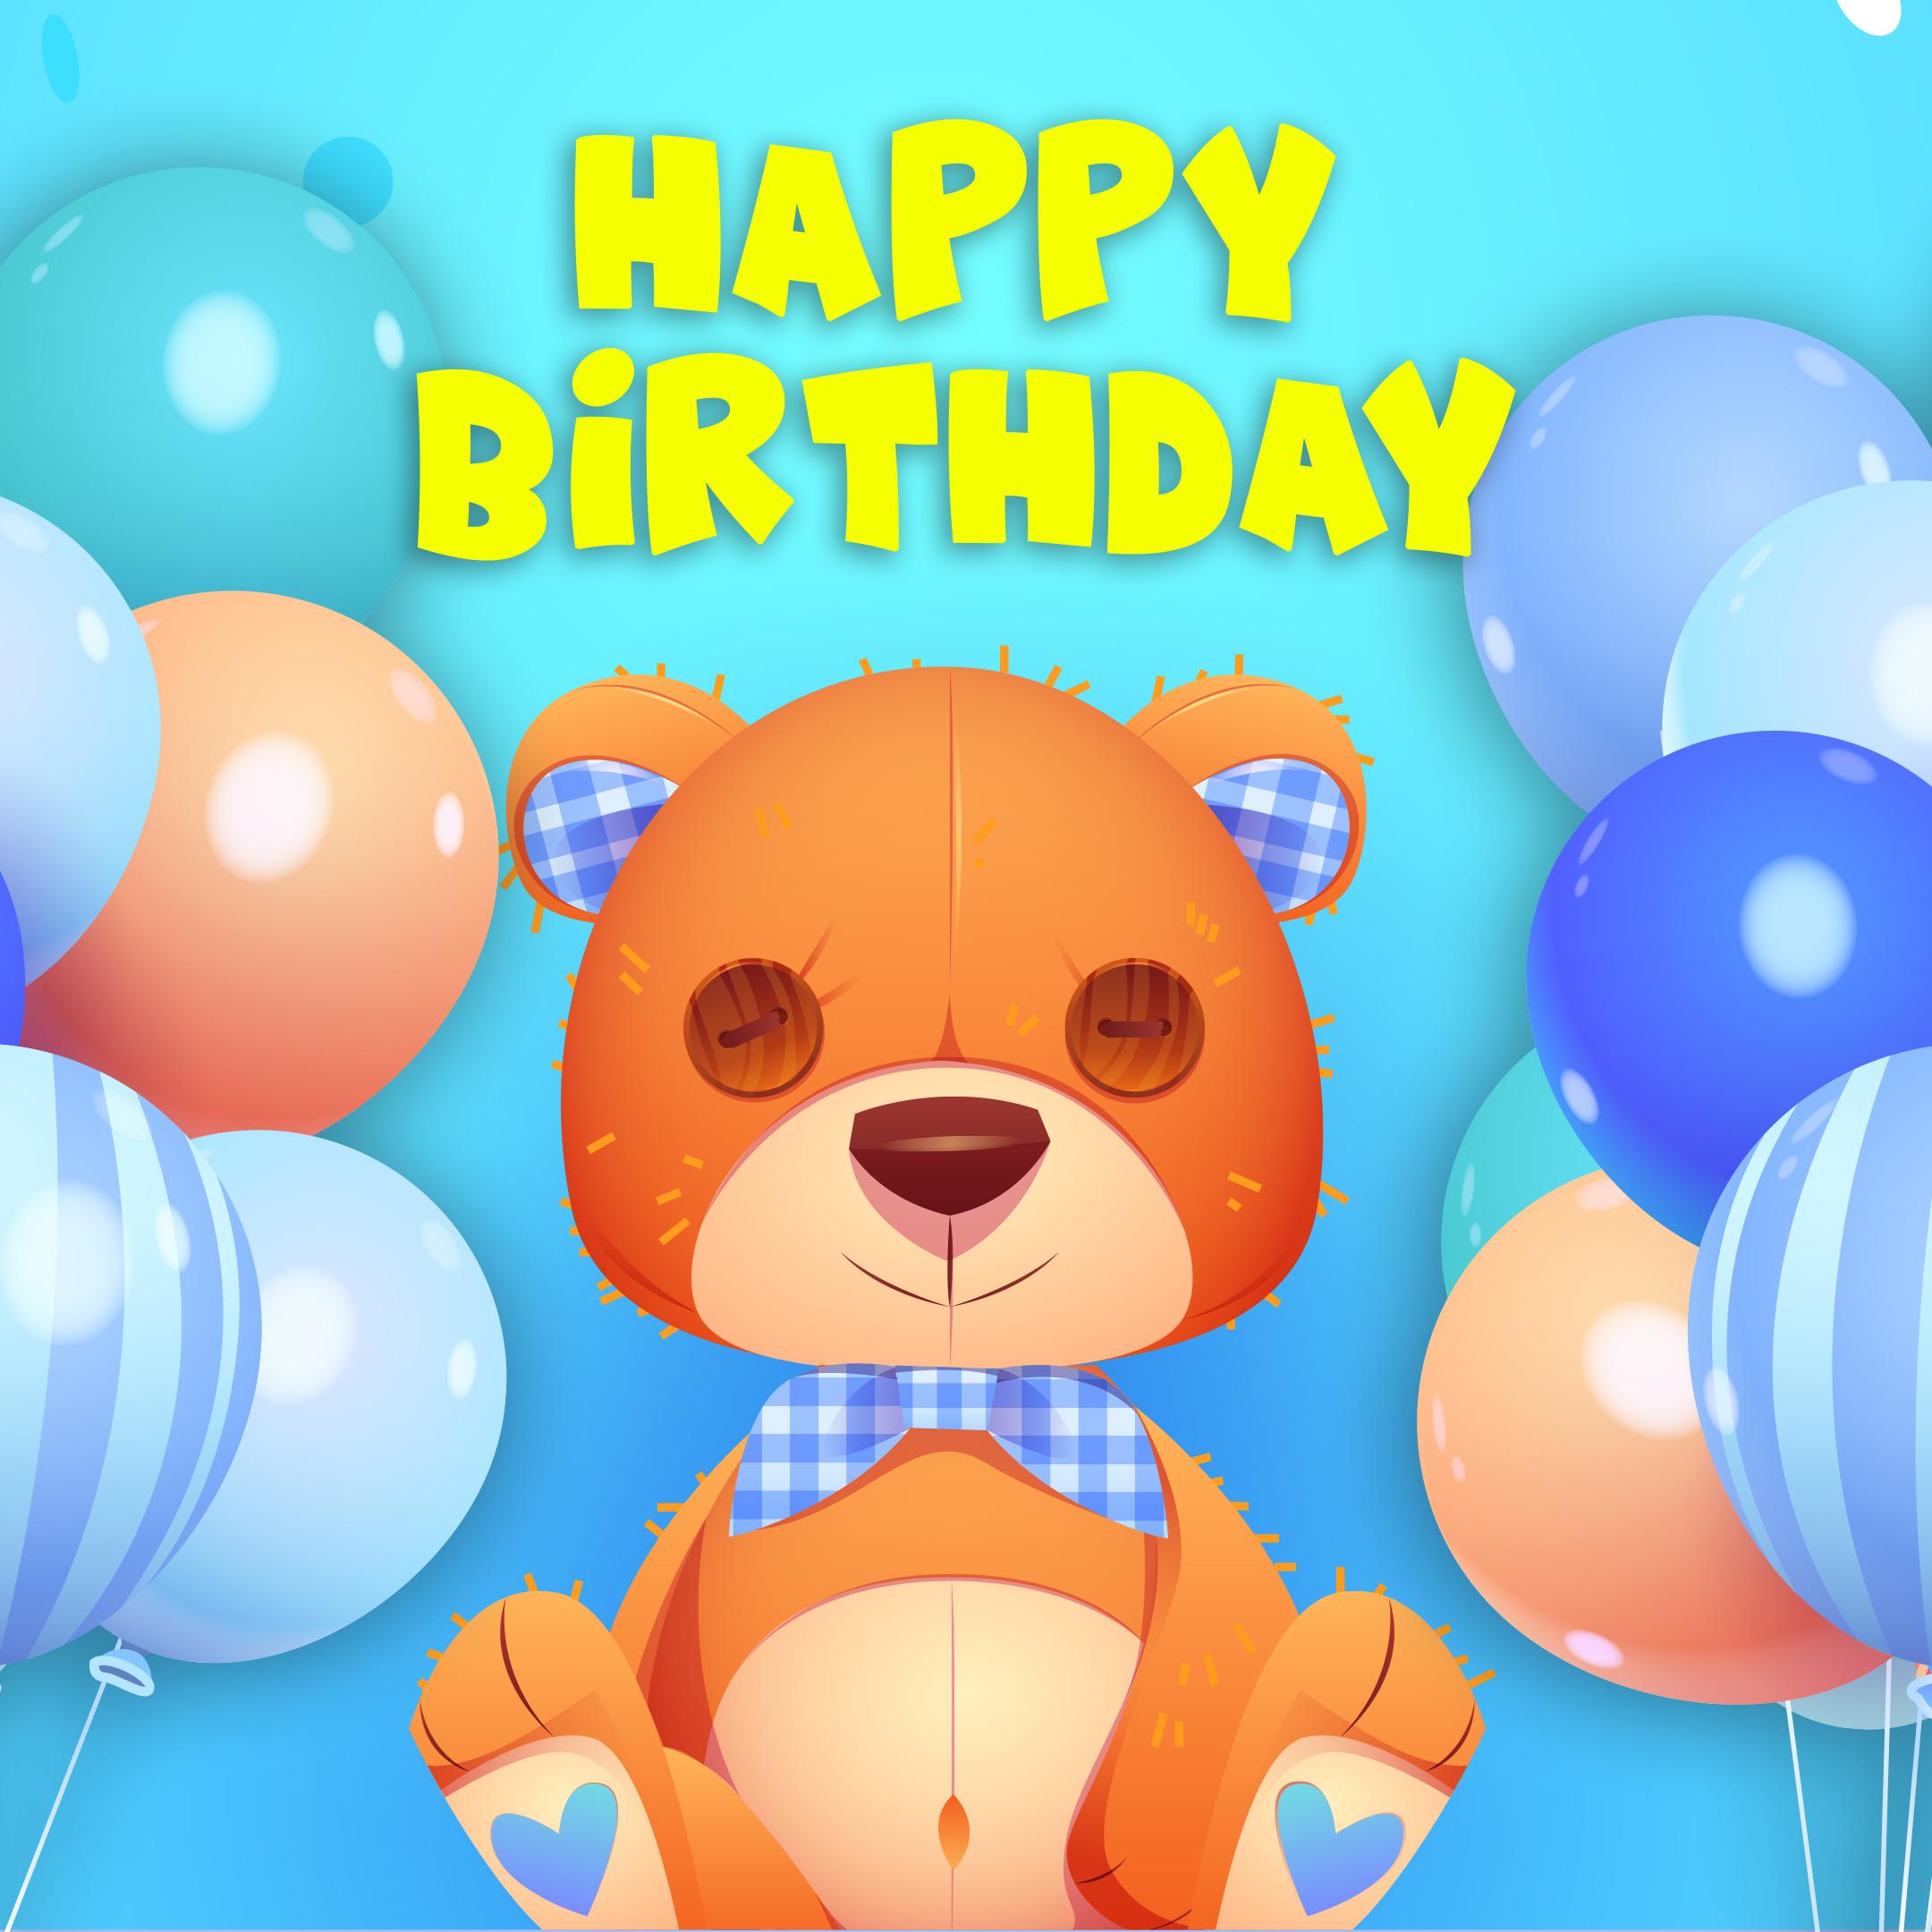 Free Happy Birthday Image For Boy With Teddy Bear - birthdayimg.com